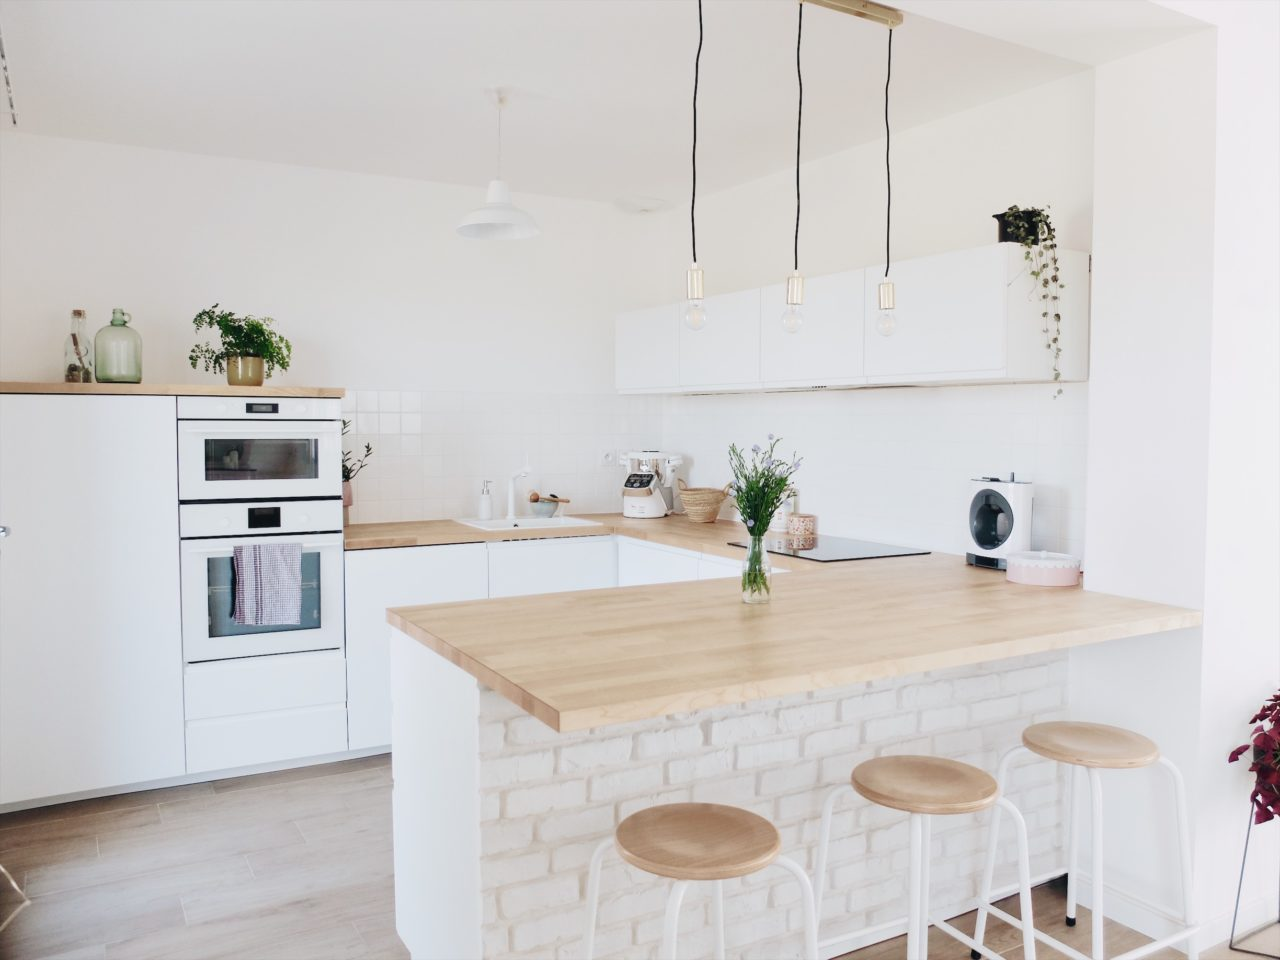 Colle Pour Plan De Travail Cuisine construction maison : notre cuisine blanche et épurée (avis